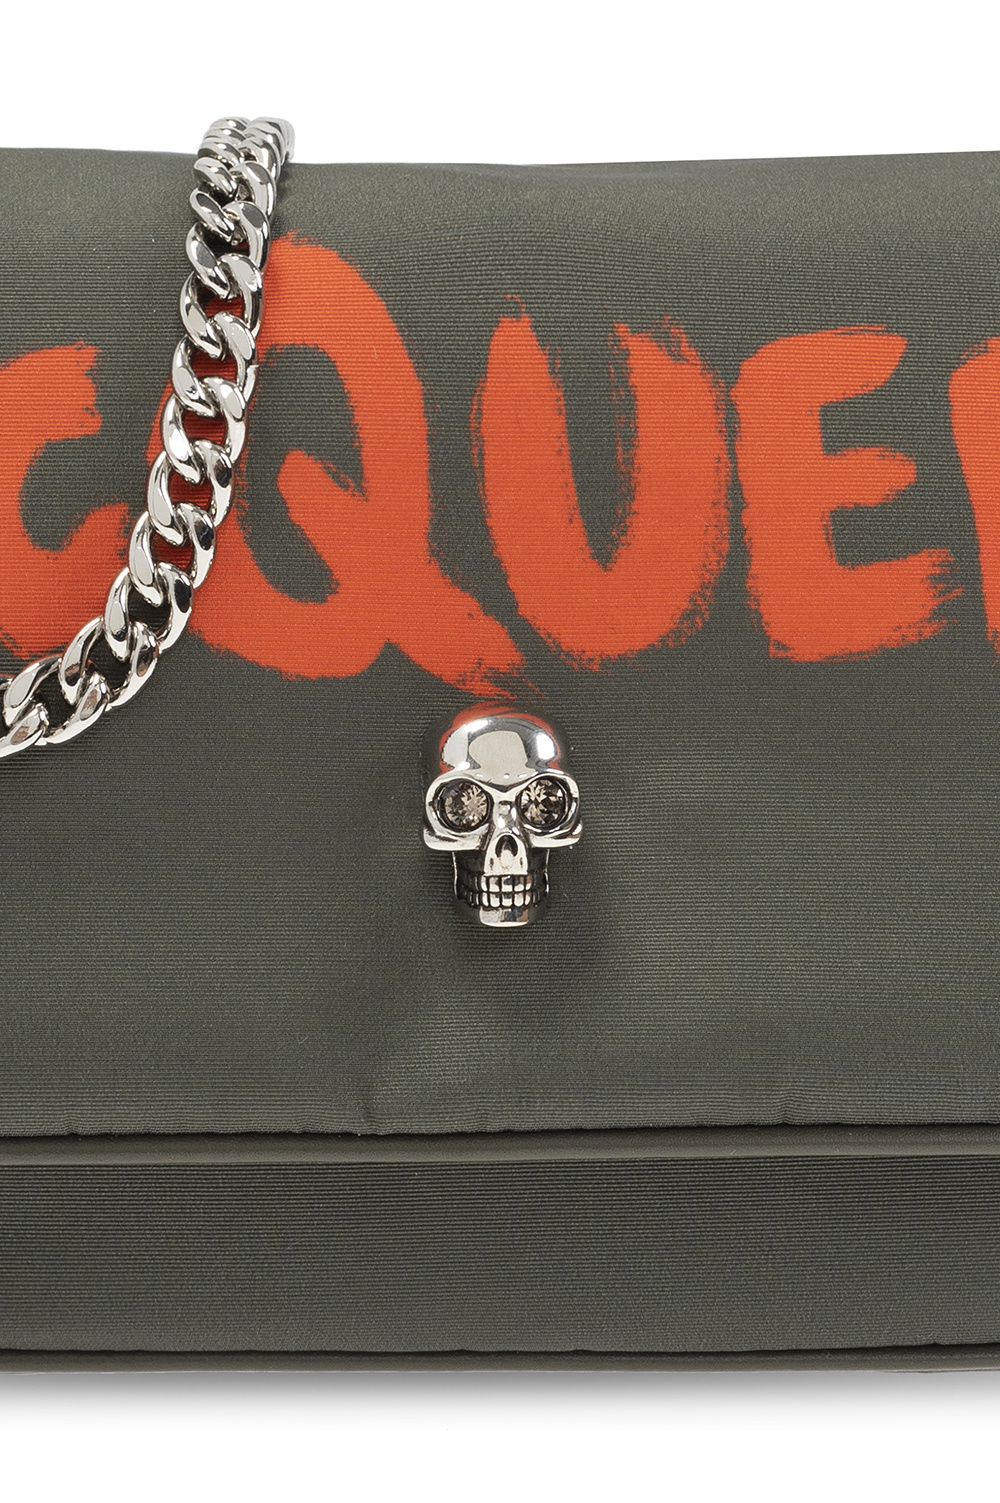 Alexander McQueen Graffiti Small单肩包